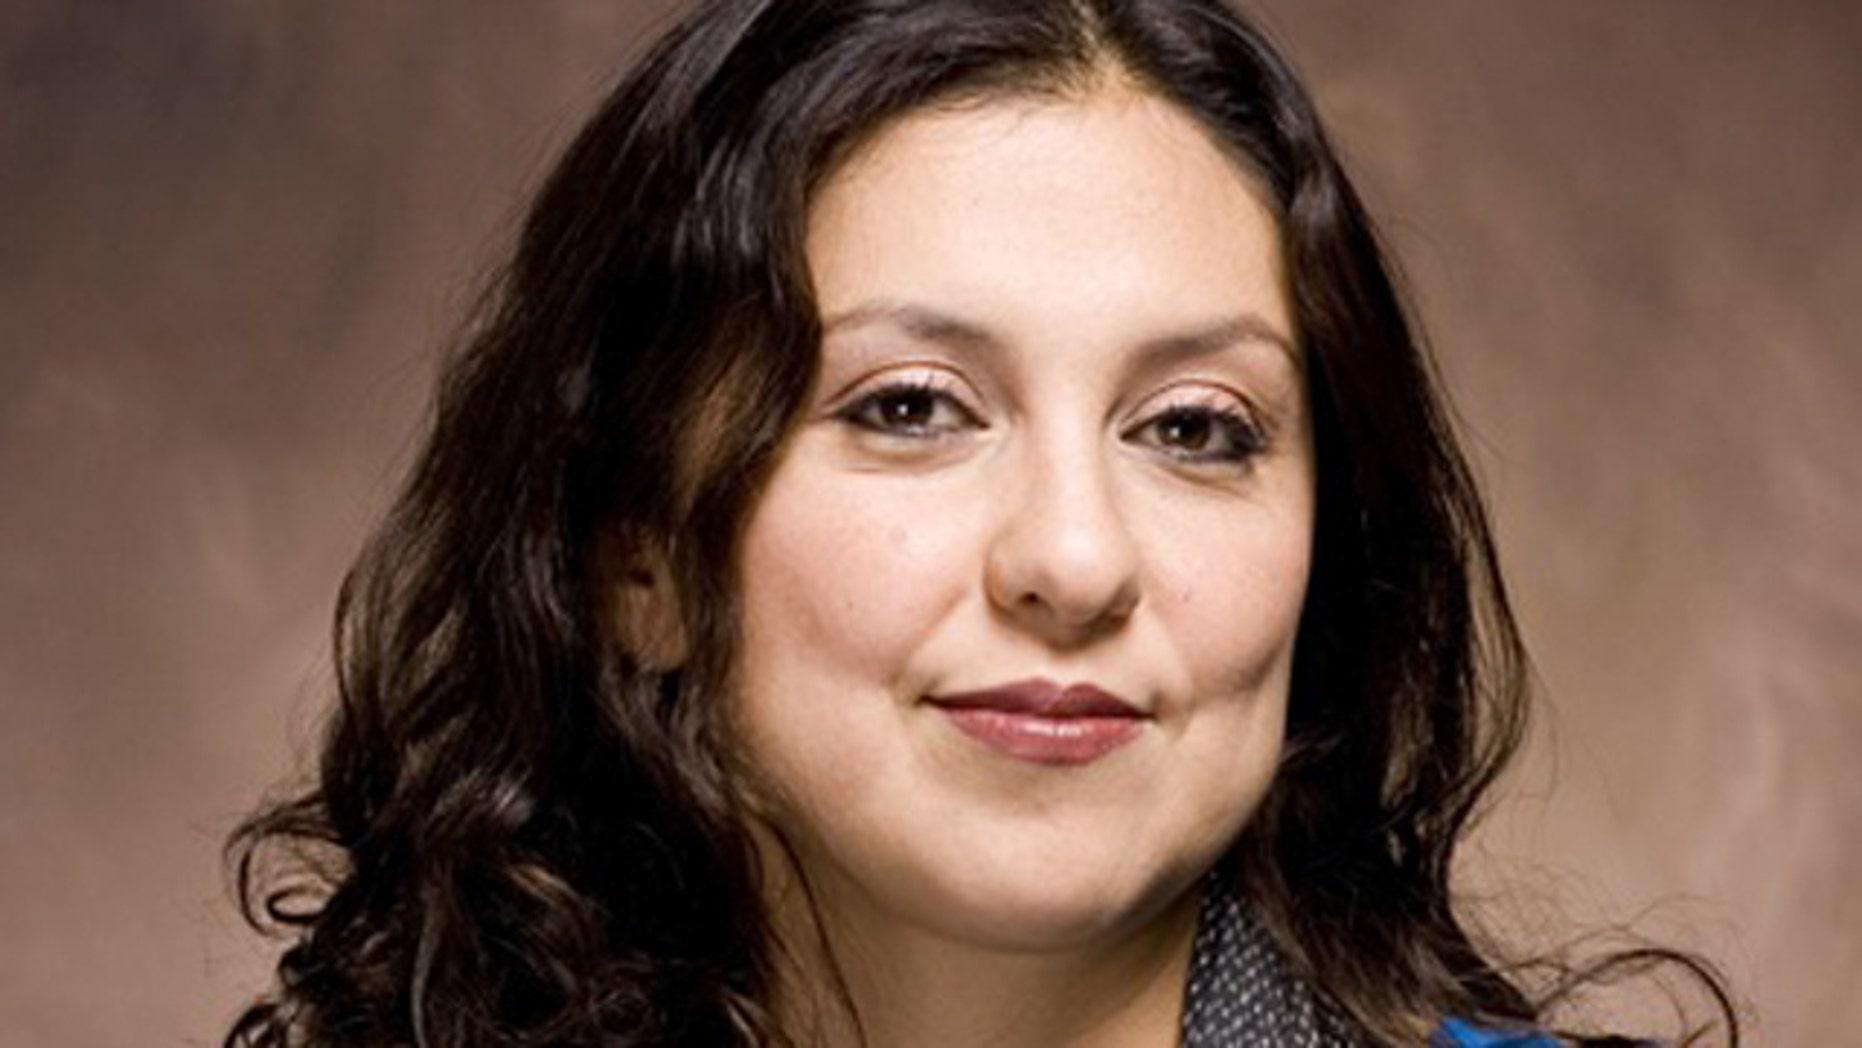 Photo of Veronica Perez Rodriguez.